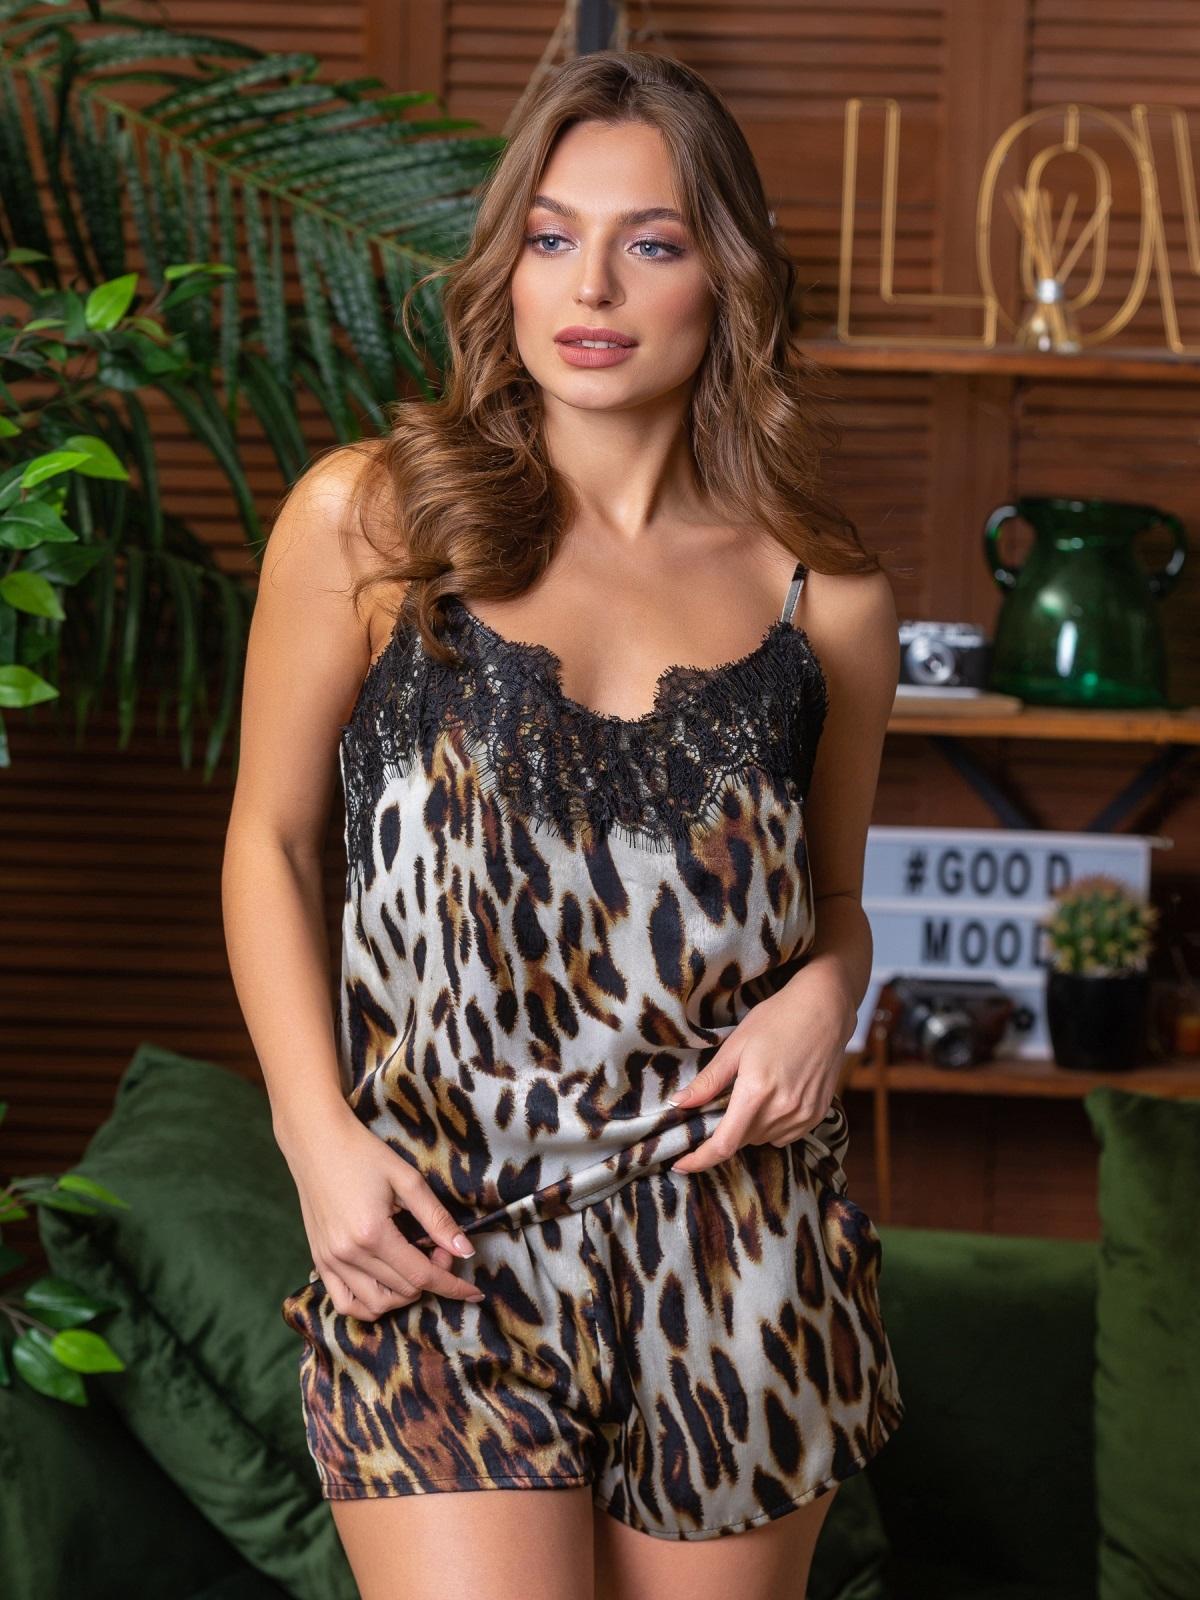 Леопардовая пижама из топа с кружевом и шортов - 21289, фото 1 – интернет-магазин Dressa